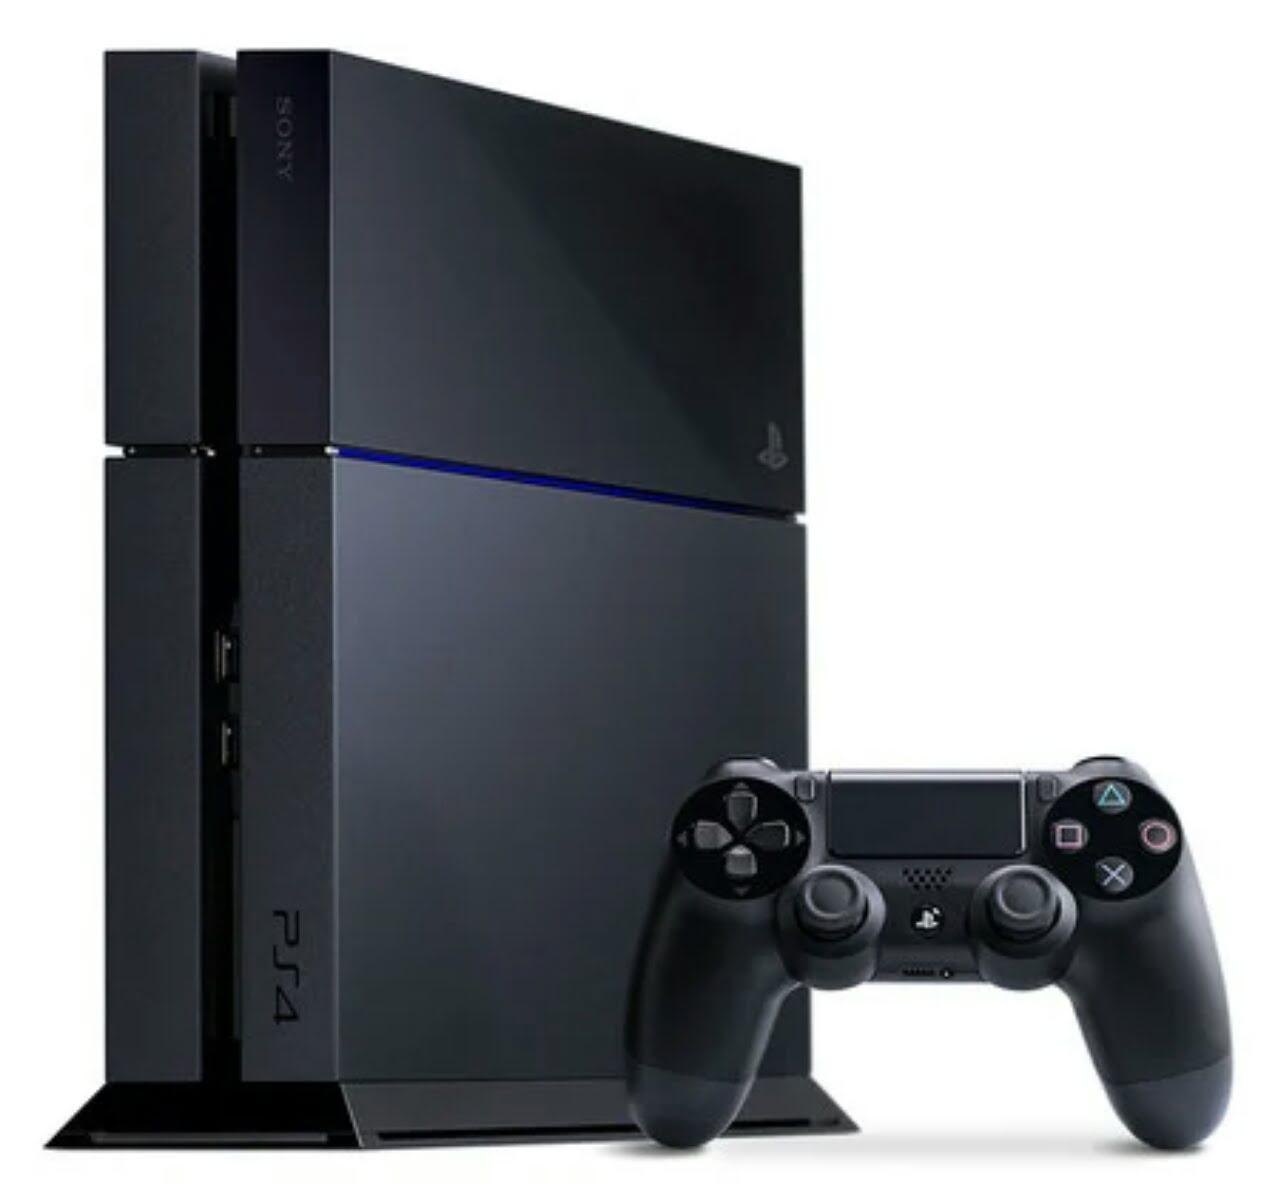 Konsol PS4 Terjual 110.4 Juta Unit Di Seluruh Dunia 1